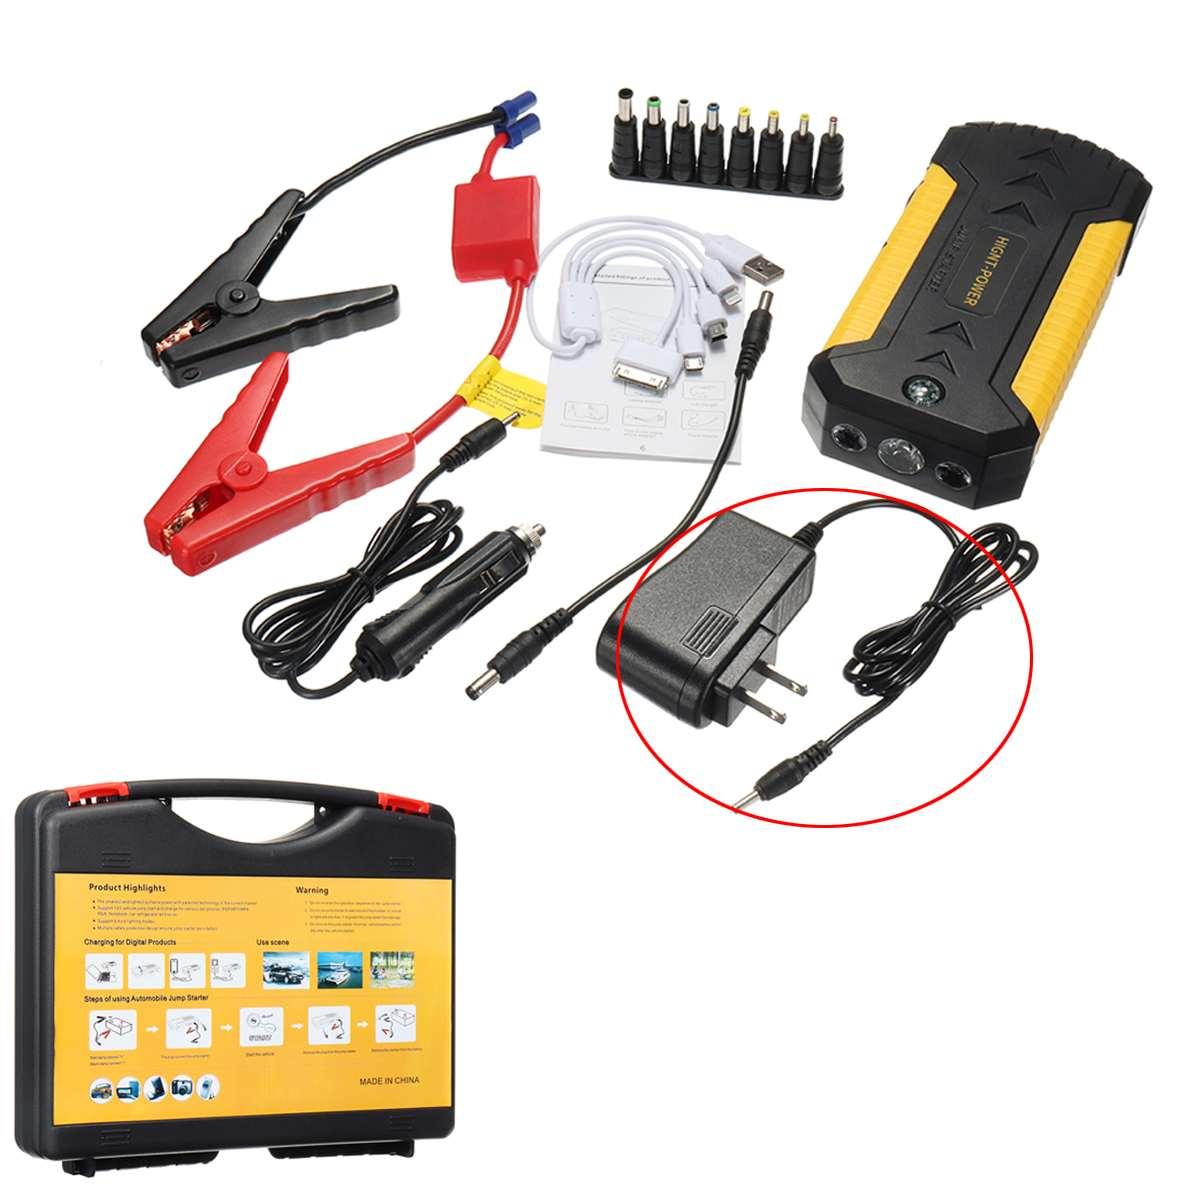 4USB 12 V 88000 mAh Auto Jump Starter Urgence Chargeur Booster Puissance Banque Batterie Jump Starter Tool Set De Voiture Électronique pièces